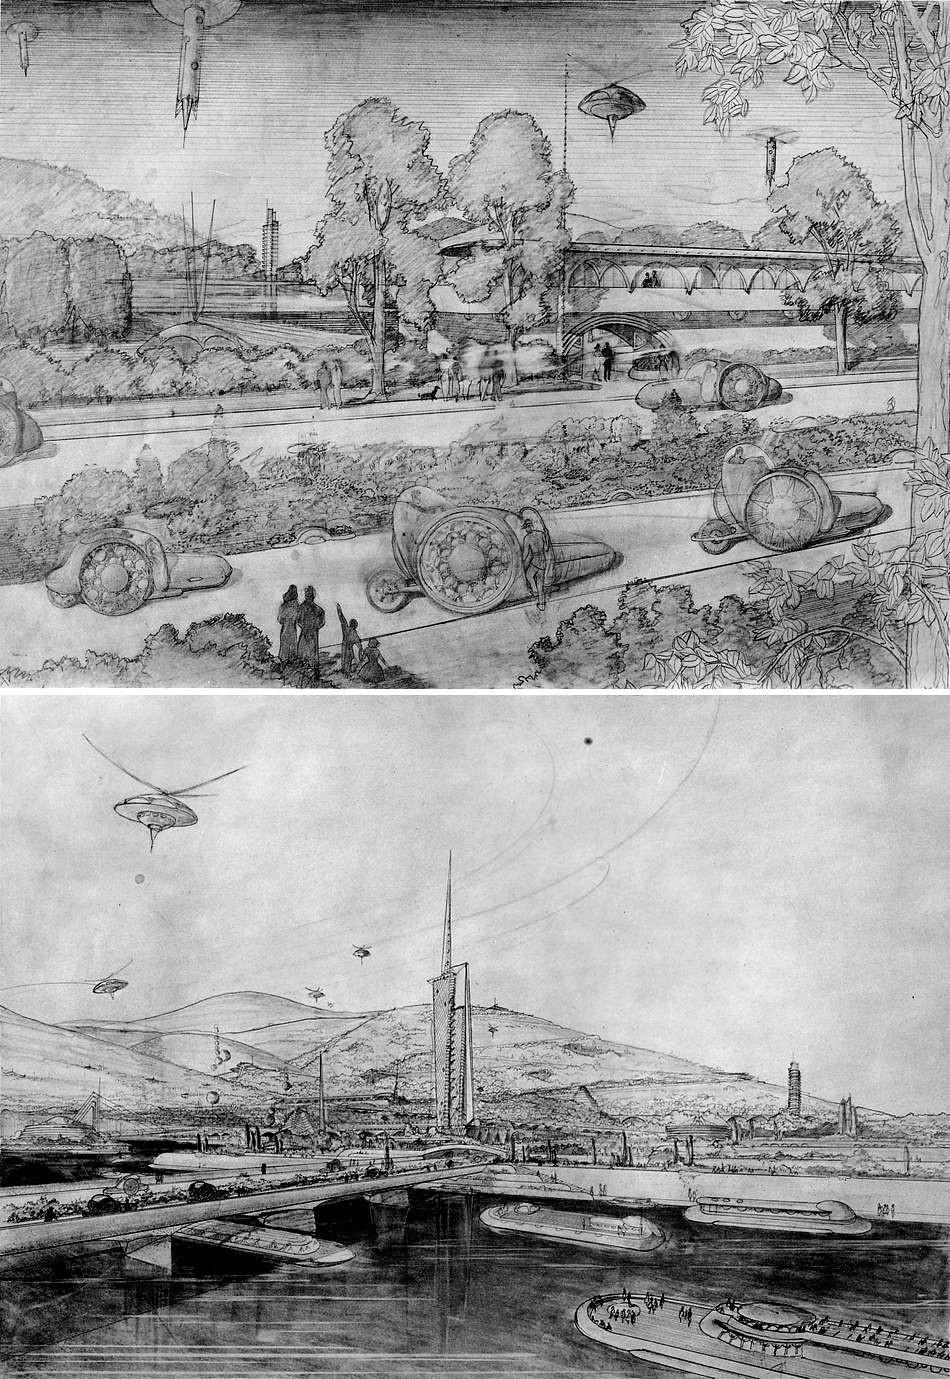 Визуальная фантастика: художники предсказывают технологии будущего - 9